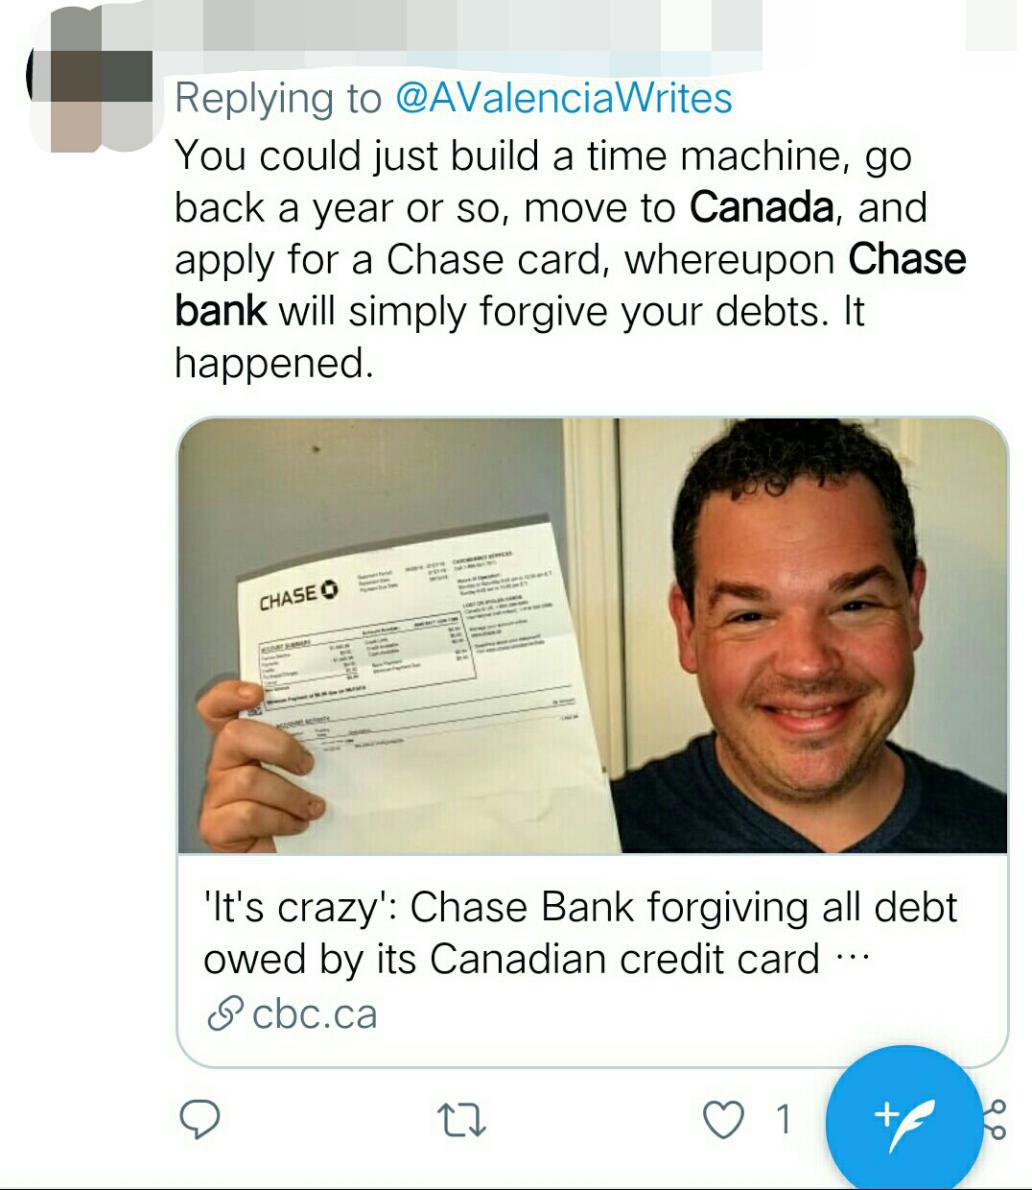 就连他最新的300美元还款也将会退还给他